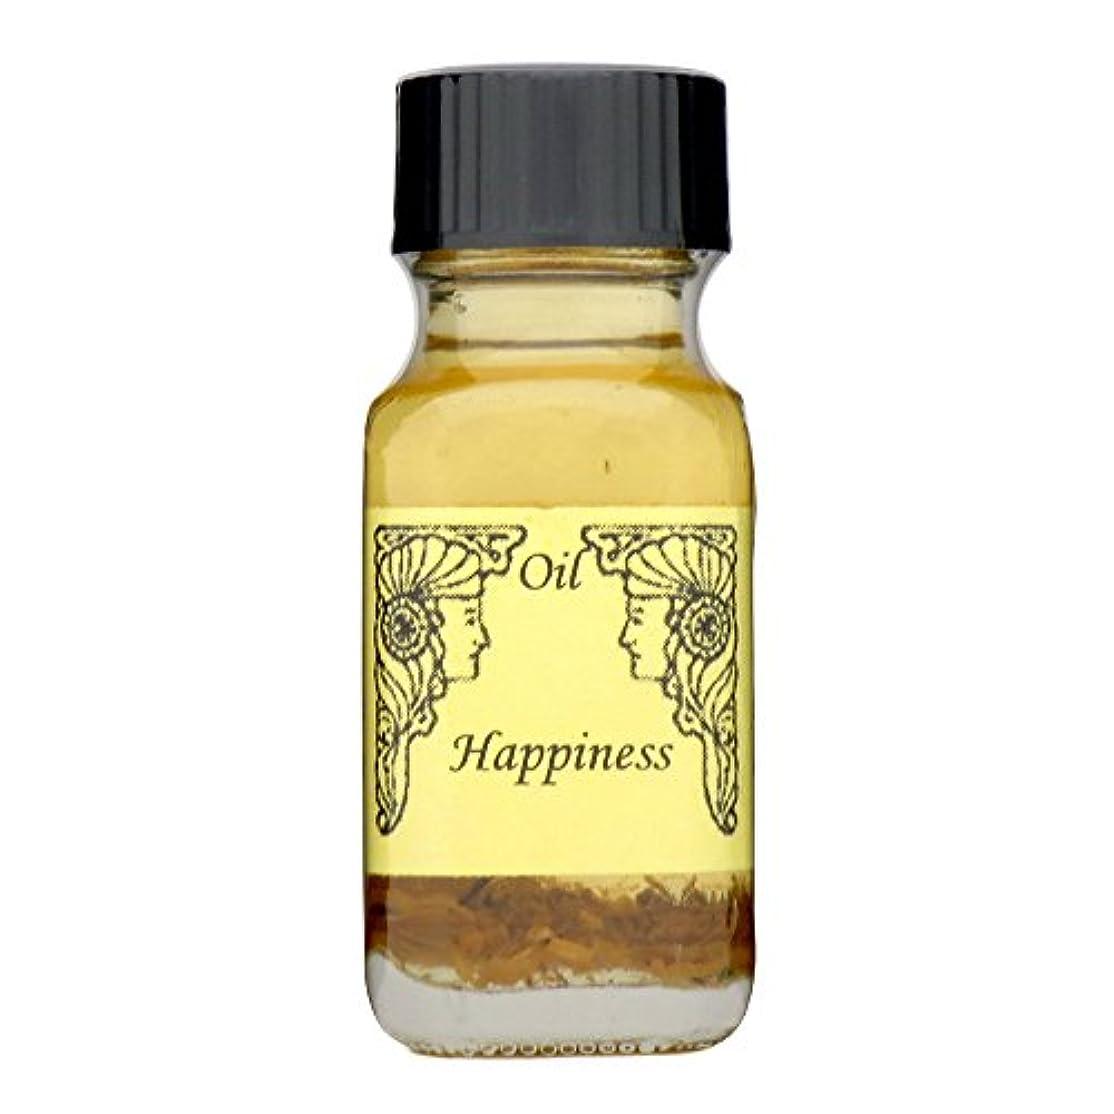 妥協刺す極小アンシェントメモリーオイル ハピネス (幸福) 15ml (Ancient Memory Oils)